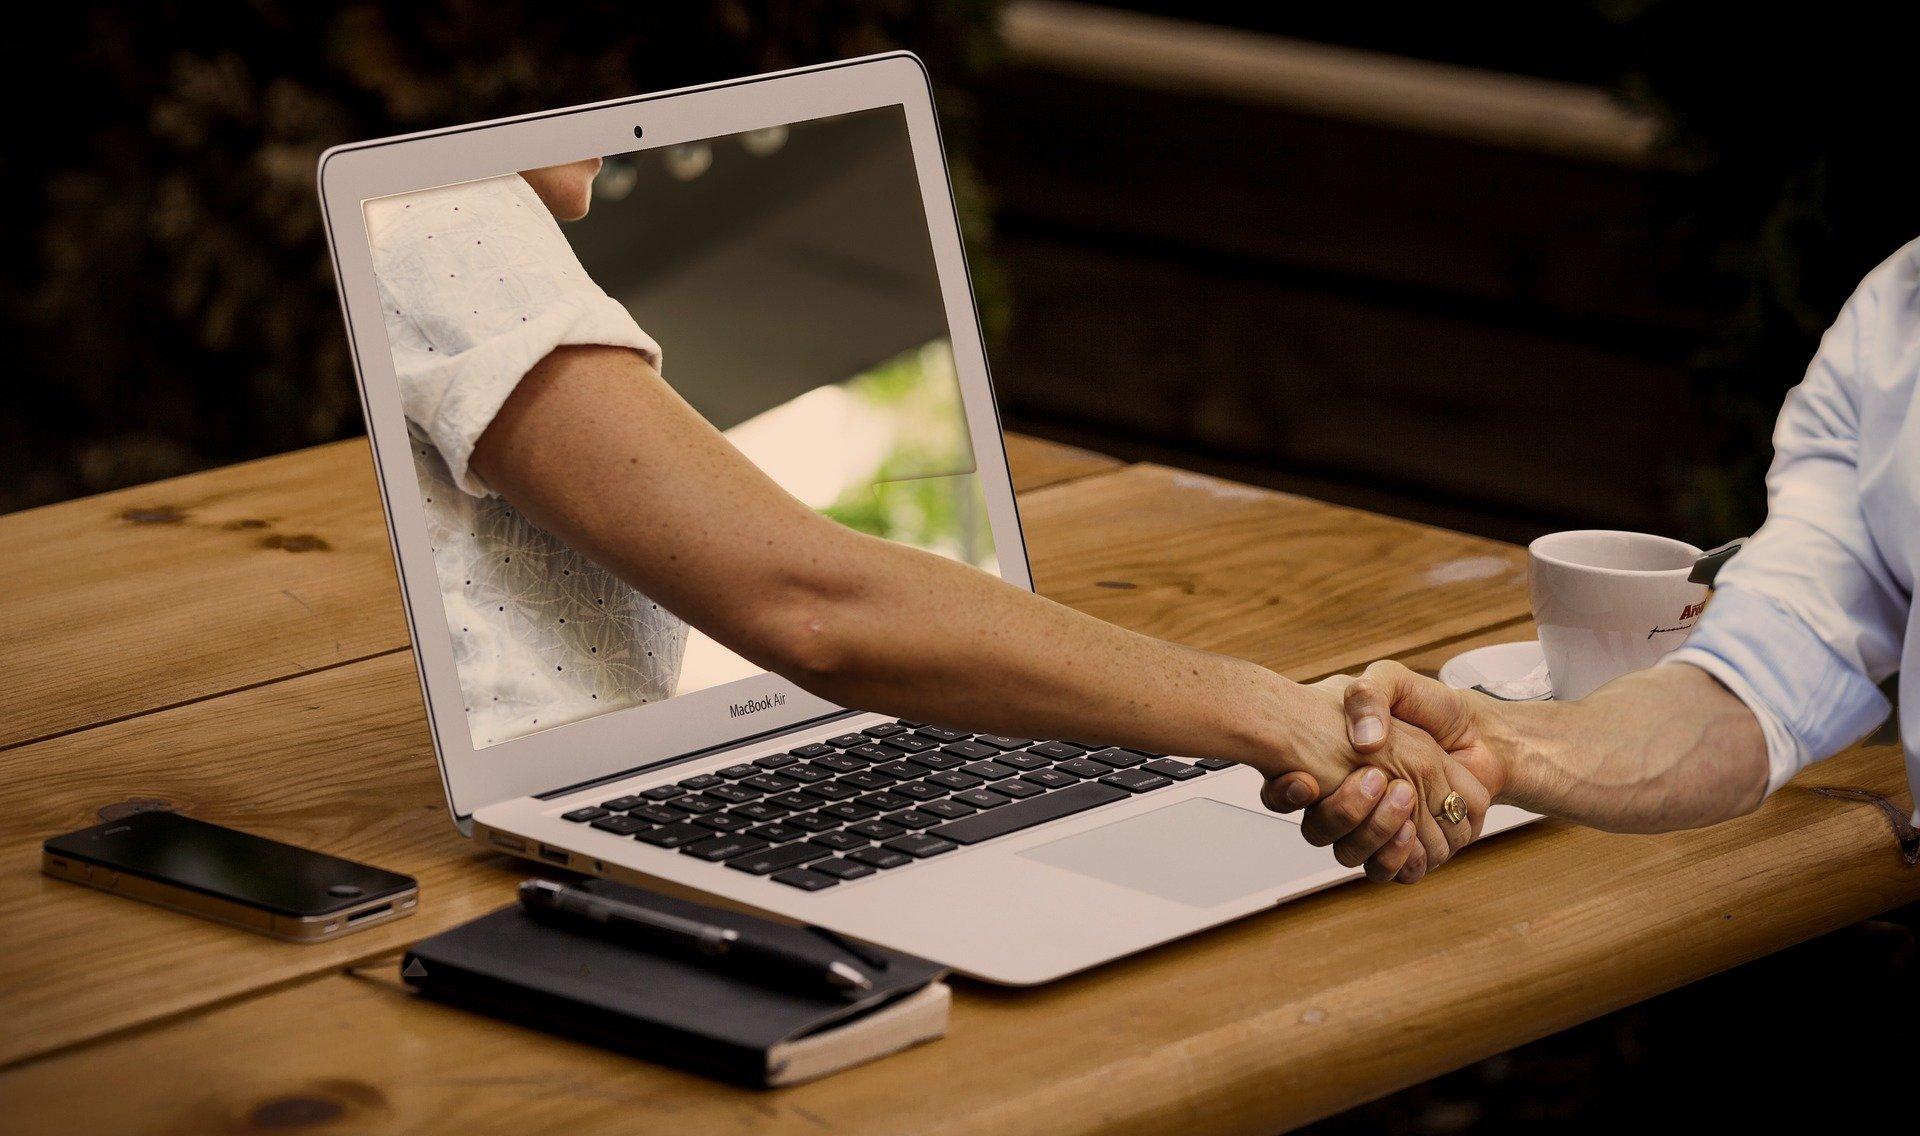 Ręka wychodząca z laptopa ściska rękę osoby siedzącej przy stole